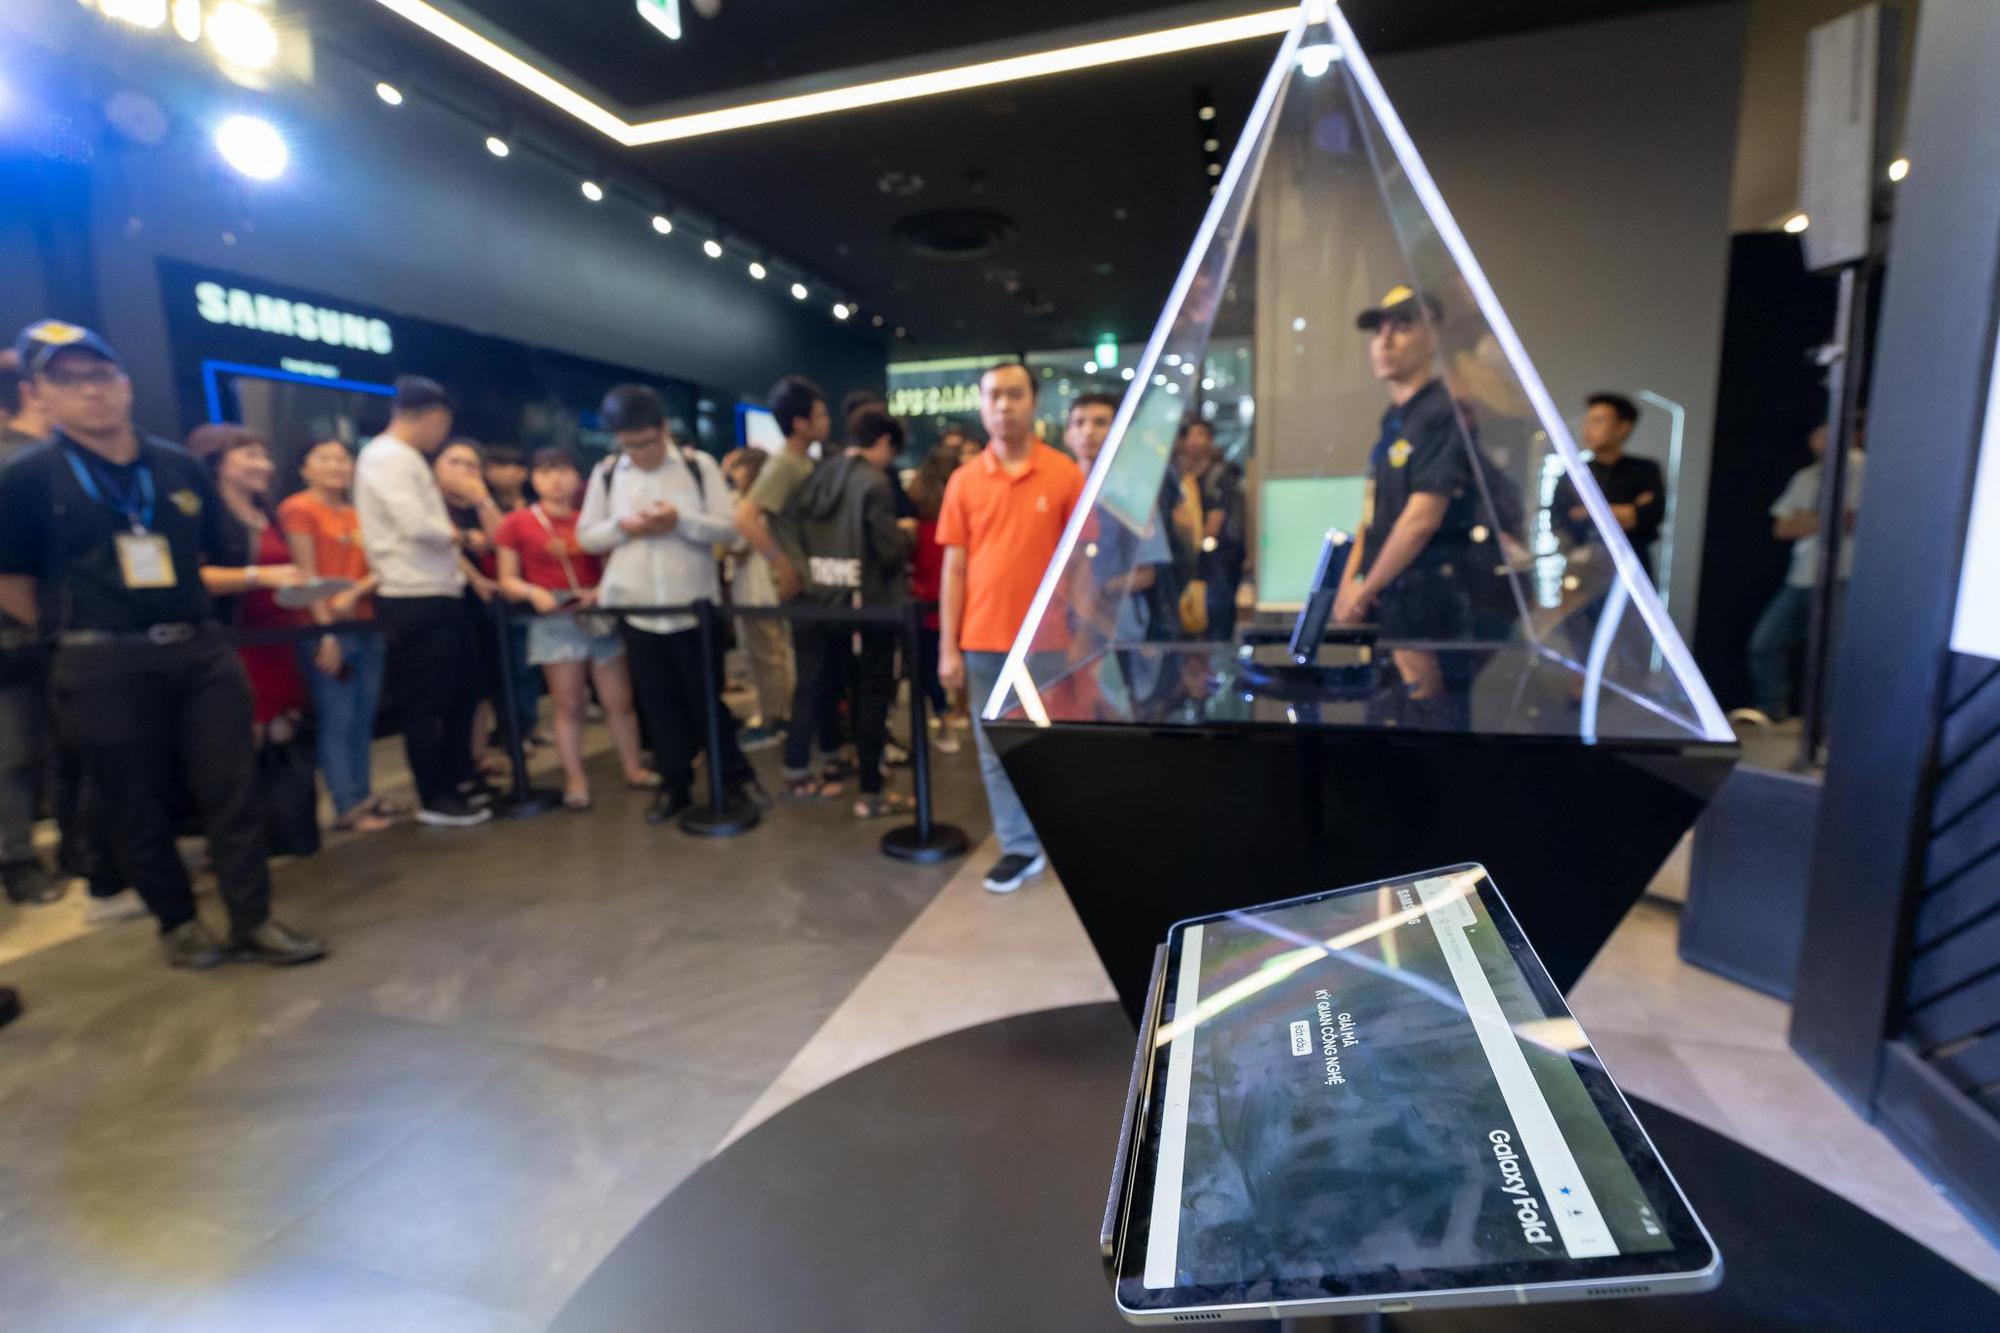 Kỳ quan công nghệ Galaxy Fold đã được giải mã và hành trình đầy kịch tính, thăng hoa đến phút cuối cùng - Ảnh 8.